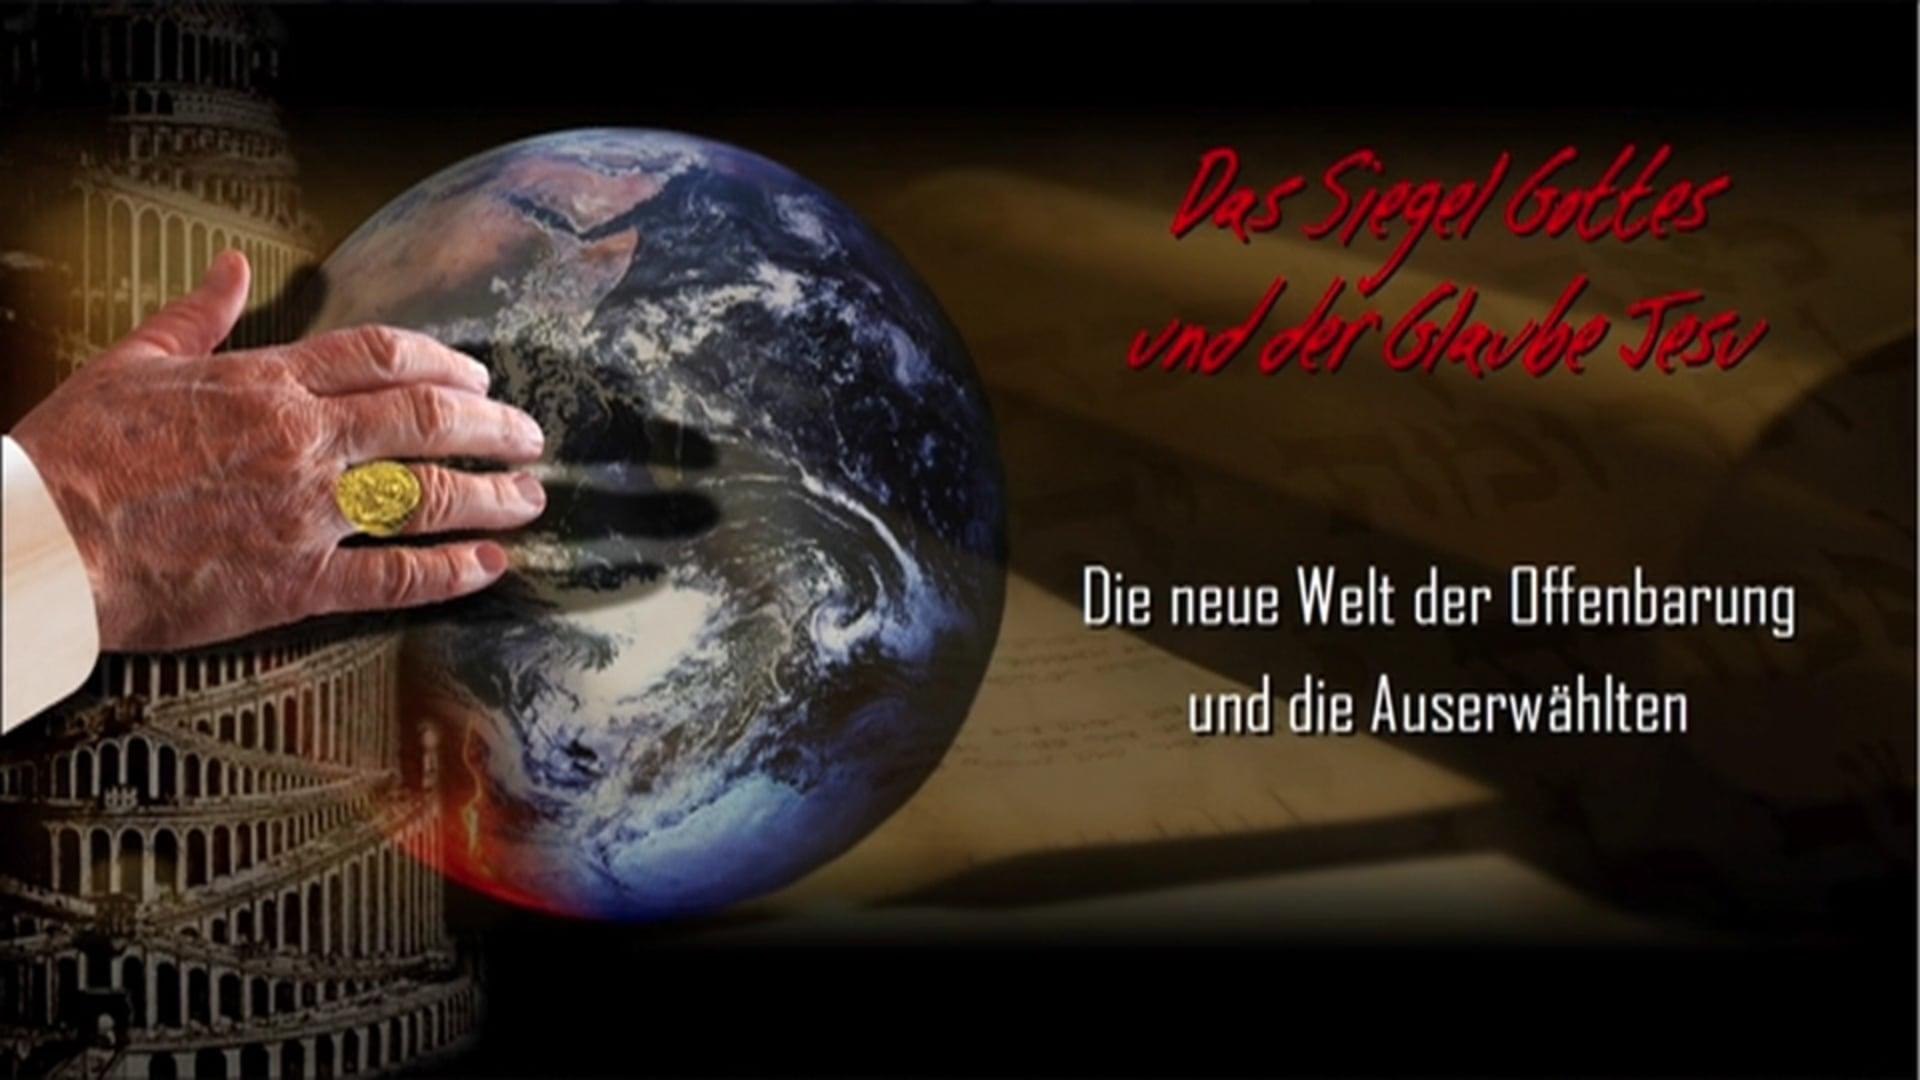 Das Siegel Gottes und der Glaube Jesu. Die neue Welt der Offenbarung und die Auserwählten. (WESOG 6)